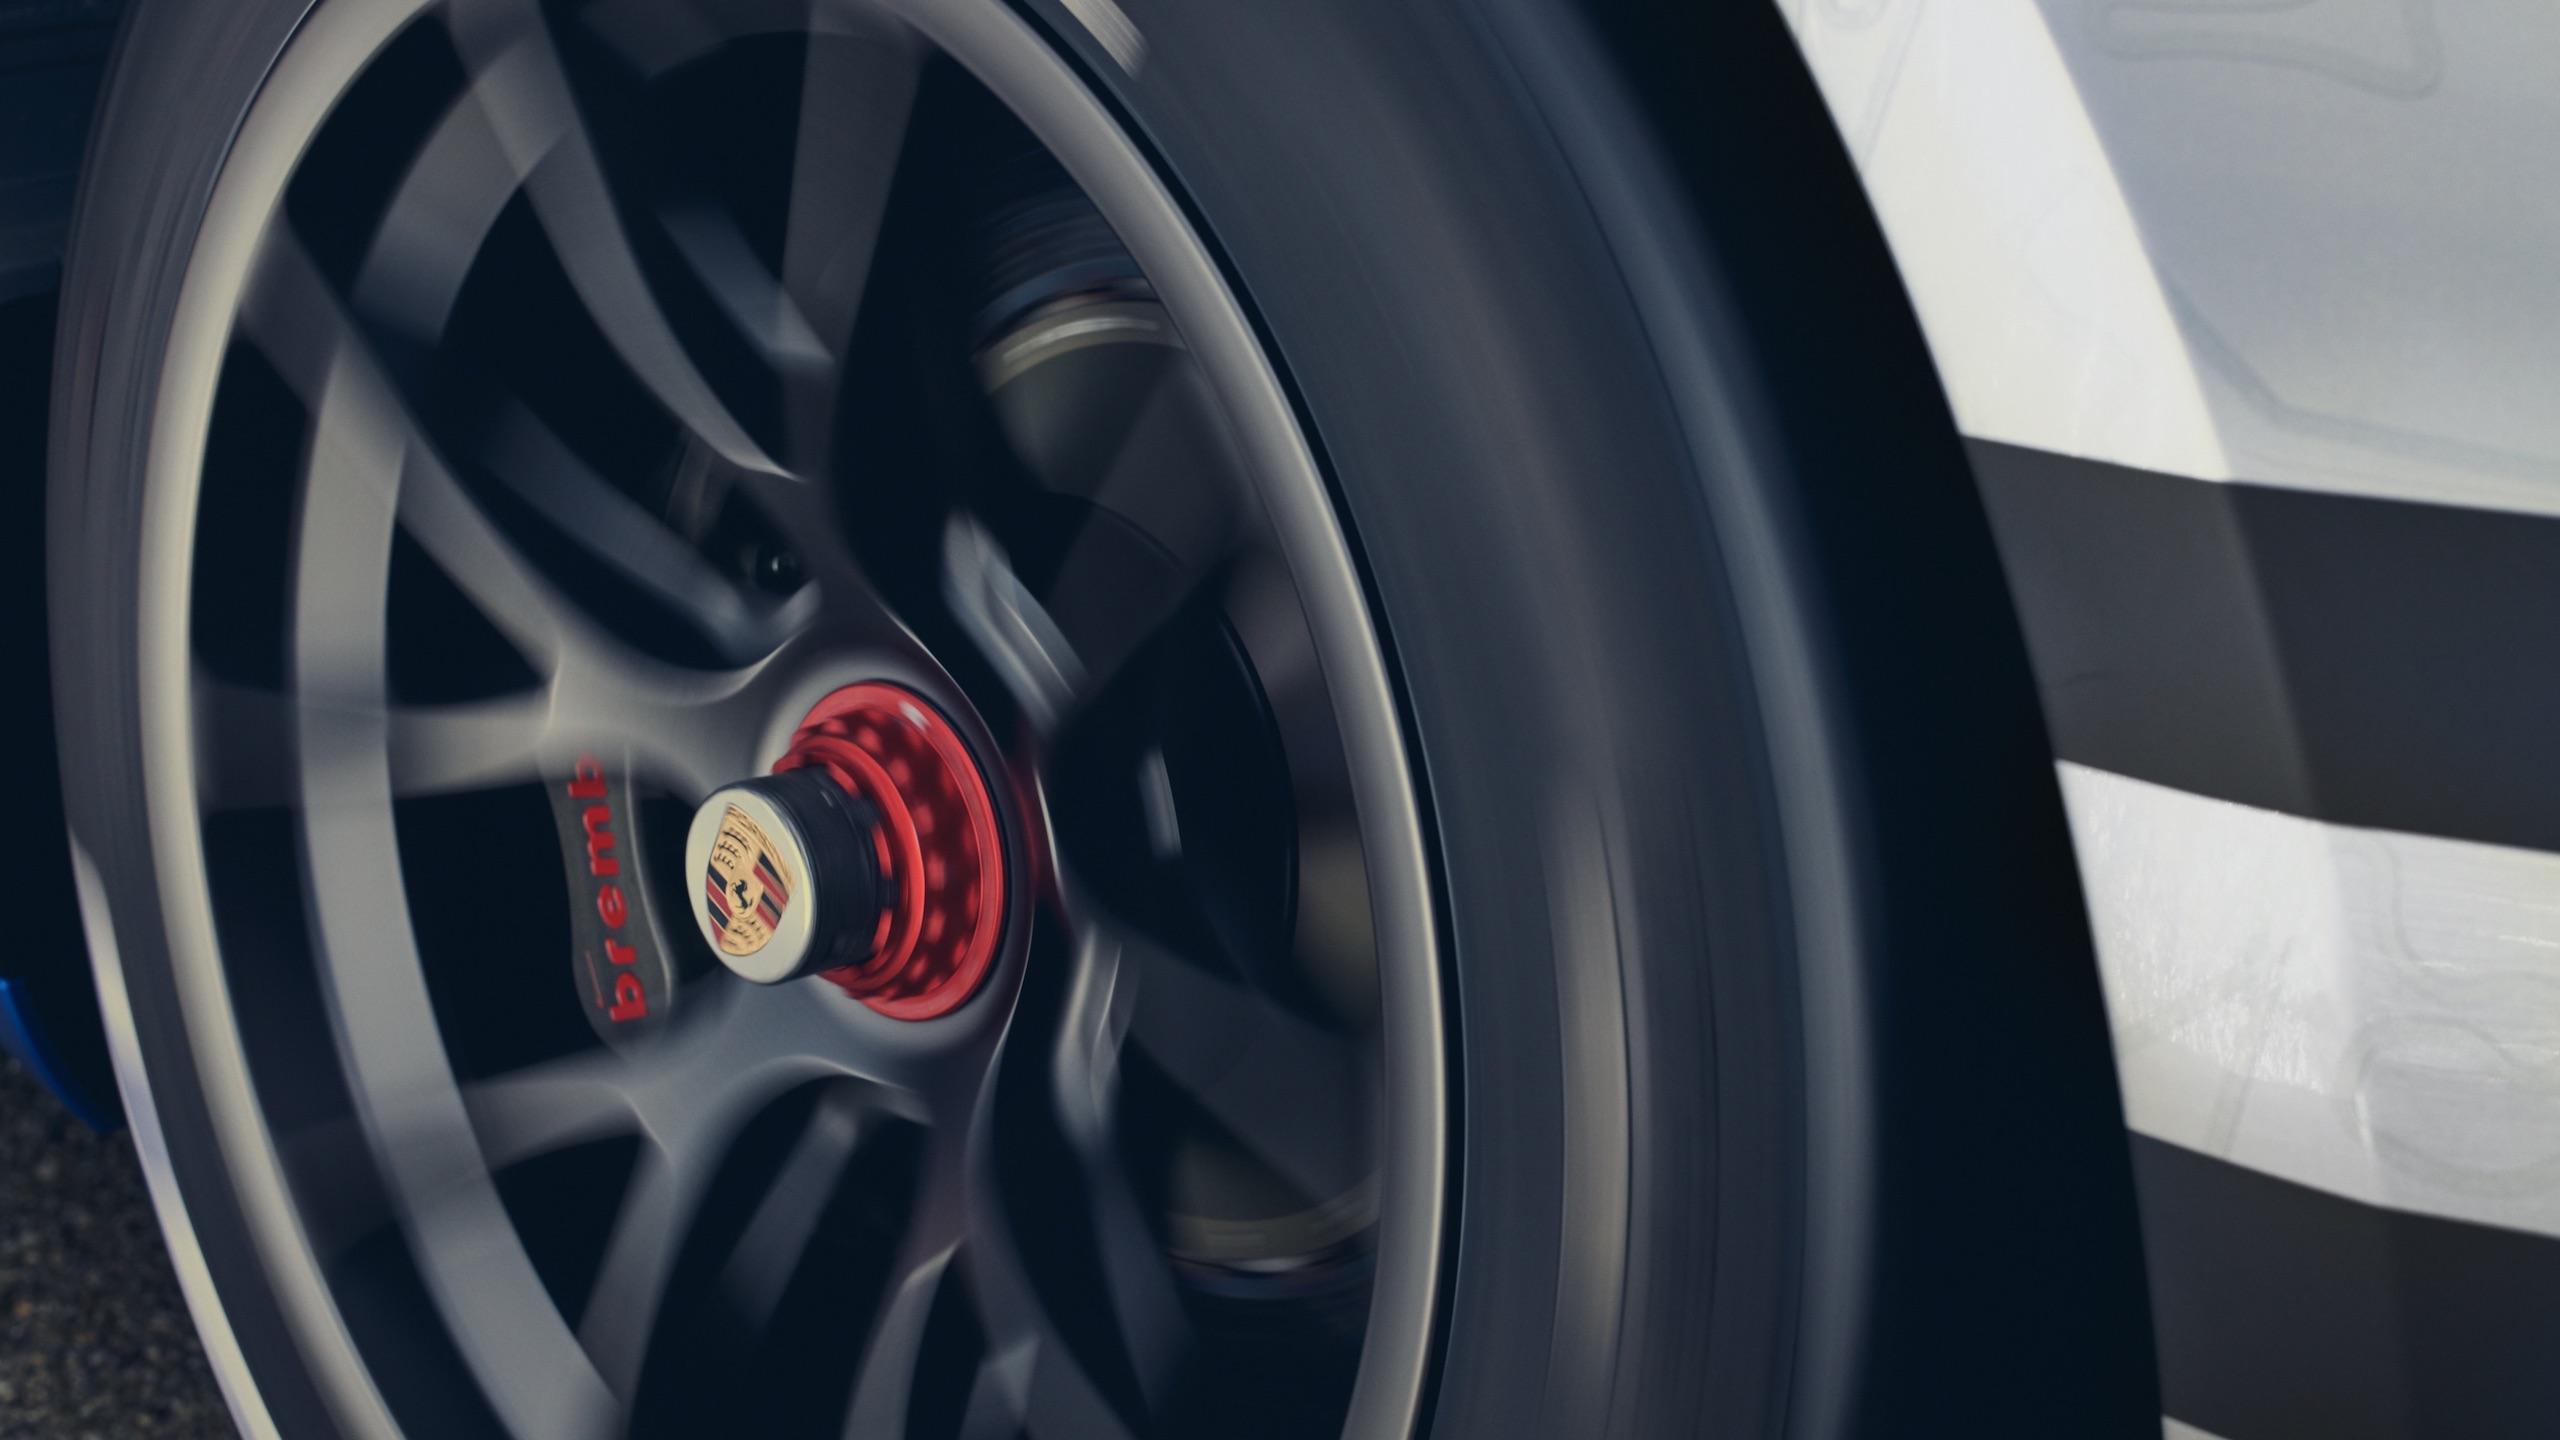 Porsche 911 GT3 wheel hub action detail